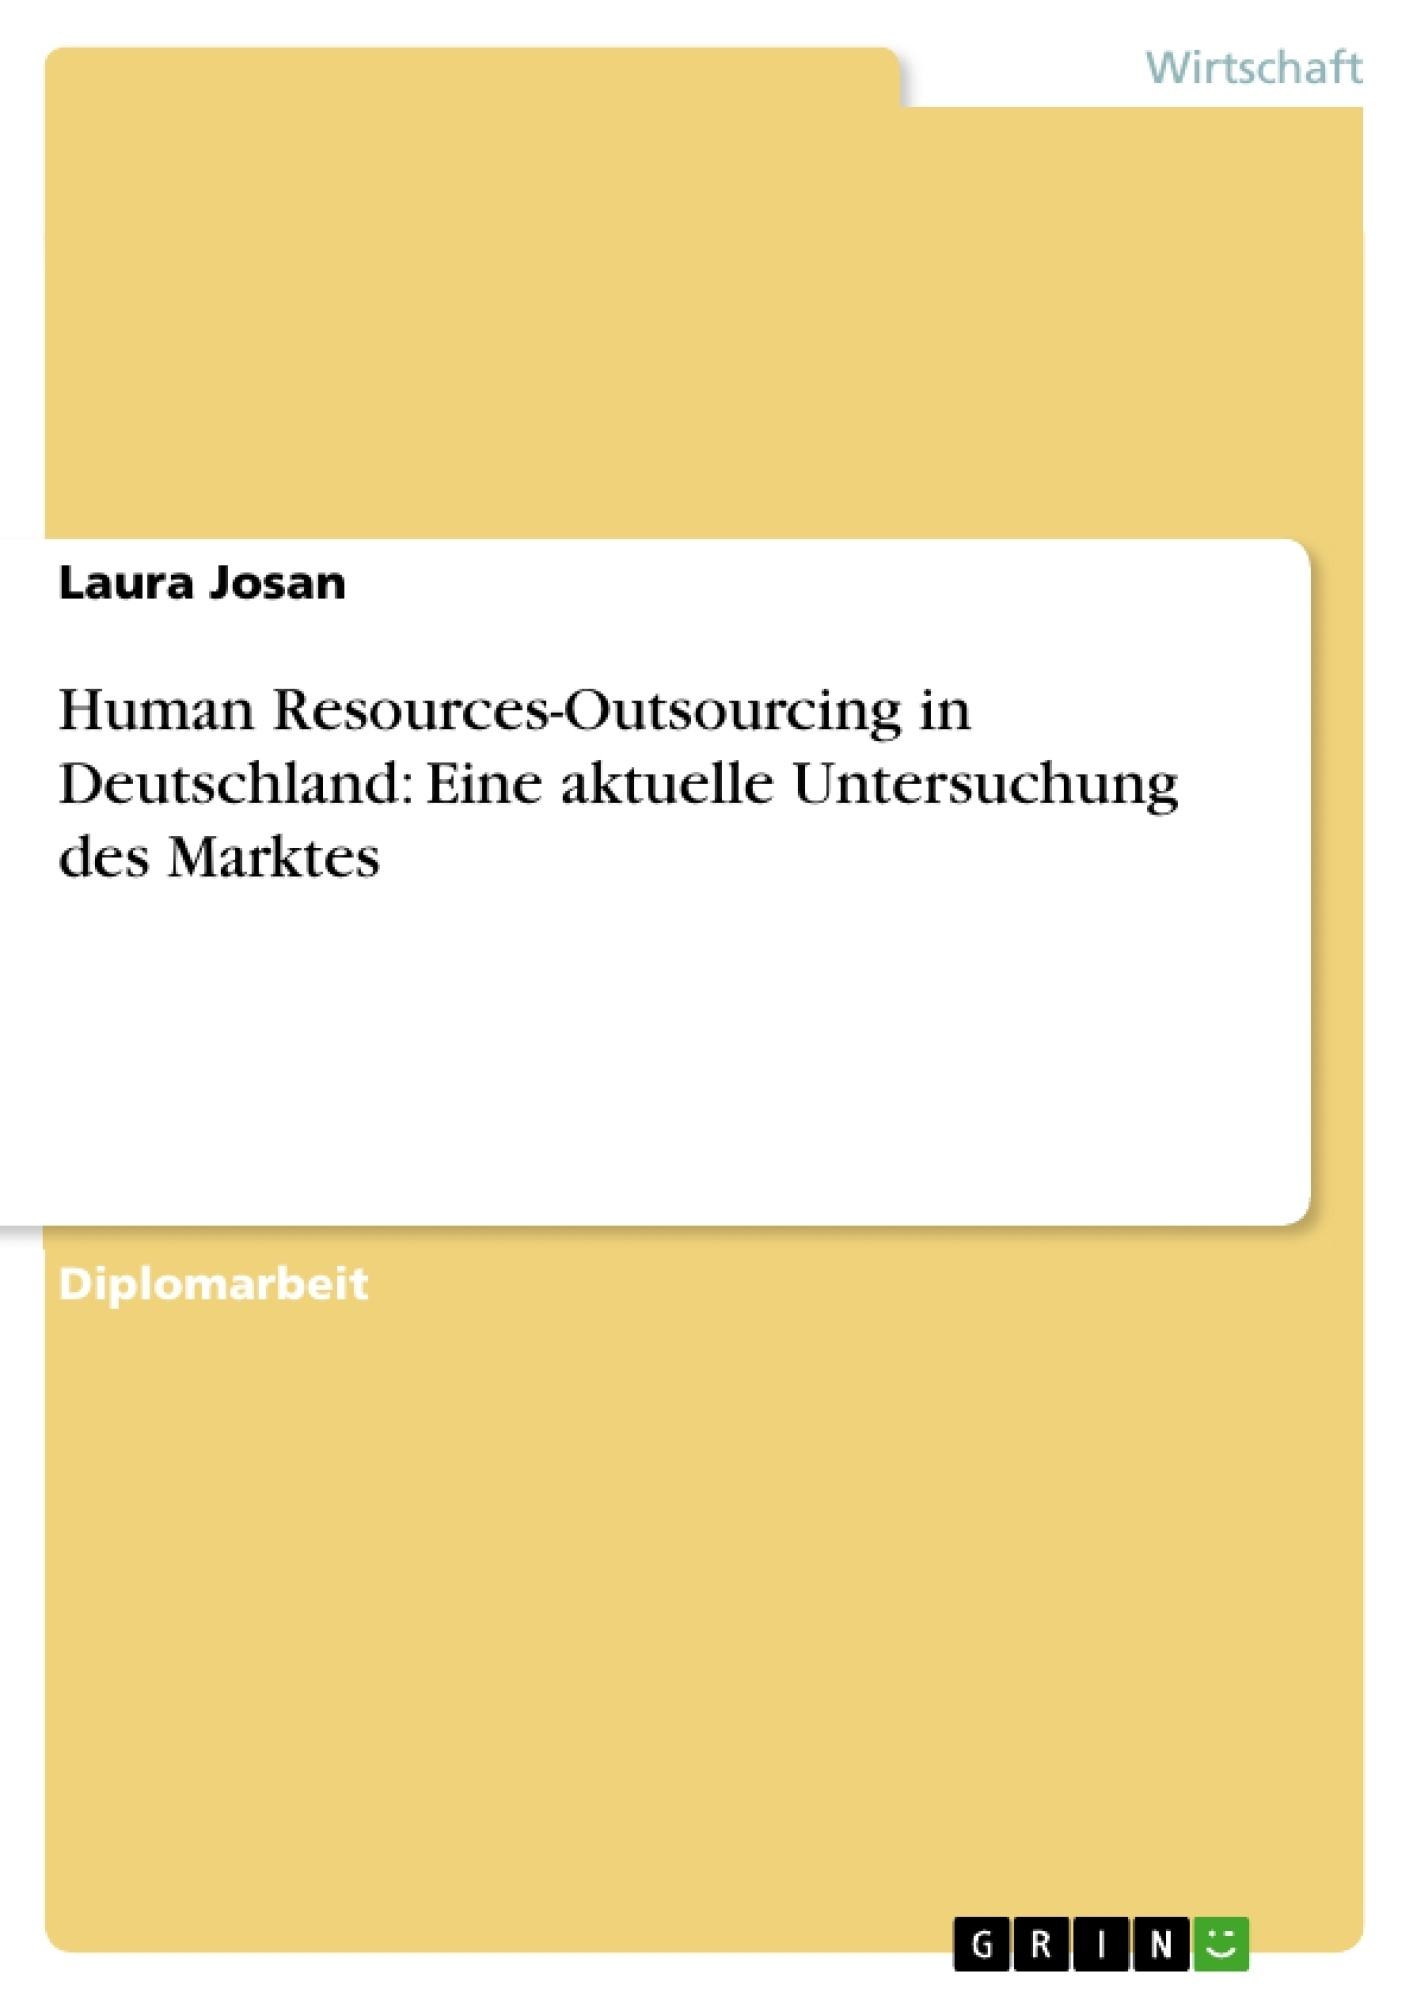 Titel: Human Resources-Outsourcing in Deutschland: Eine aktuelle Untersuchung des Marktes